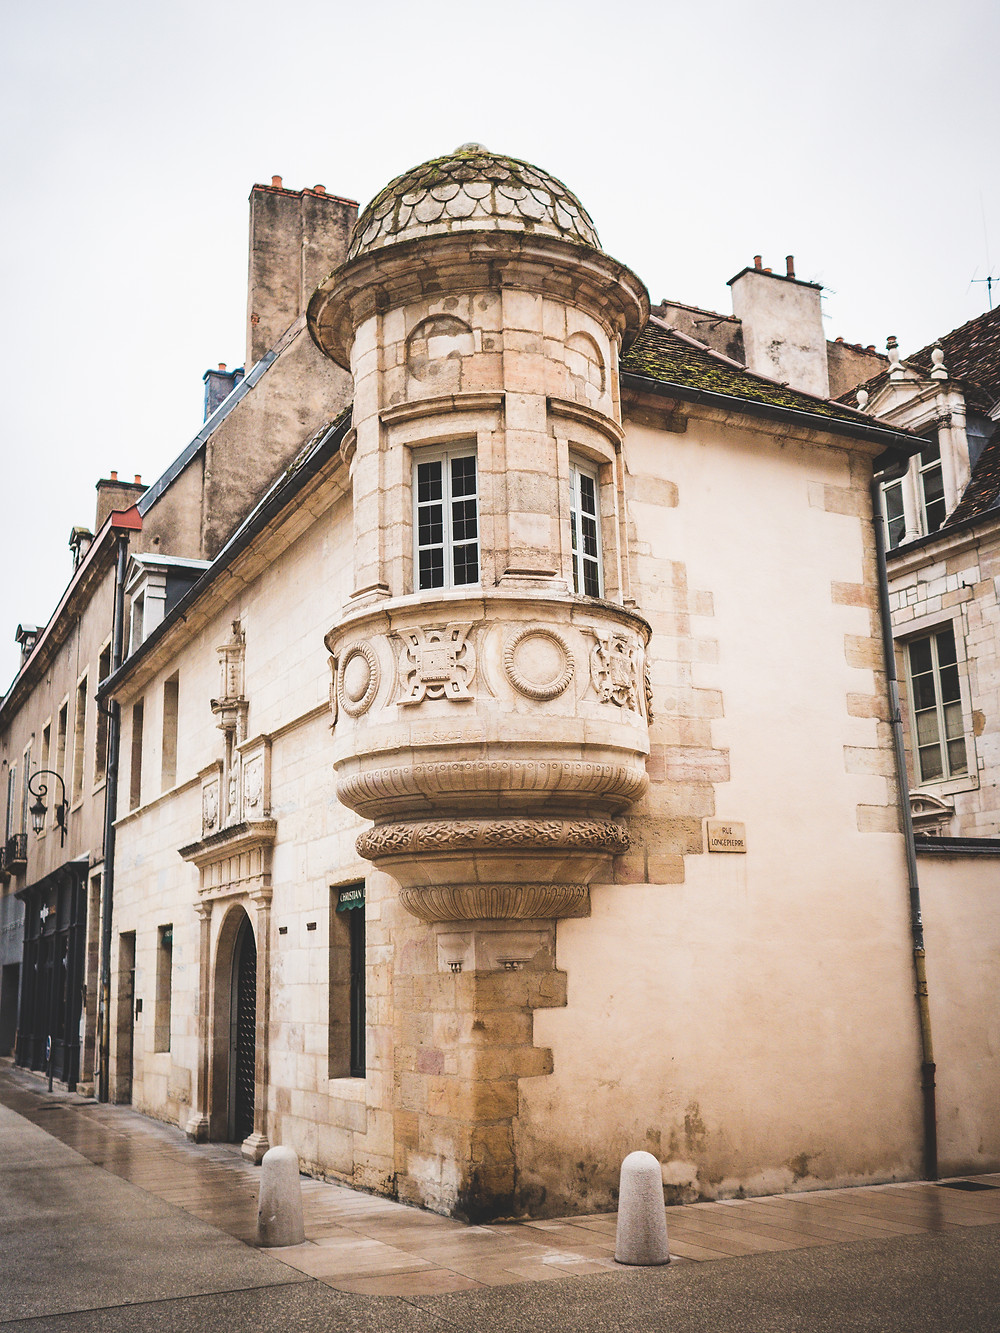 Hôtel particulier aux abords de la place des ducs de Bourgogne de Dijon